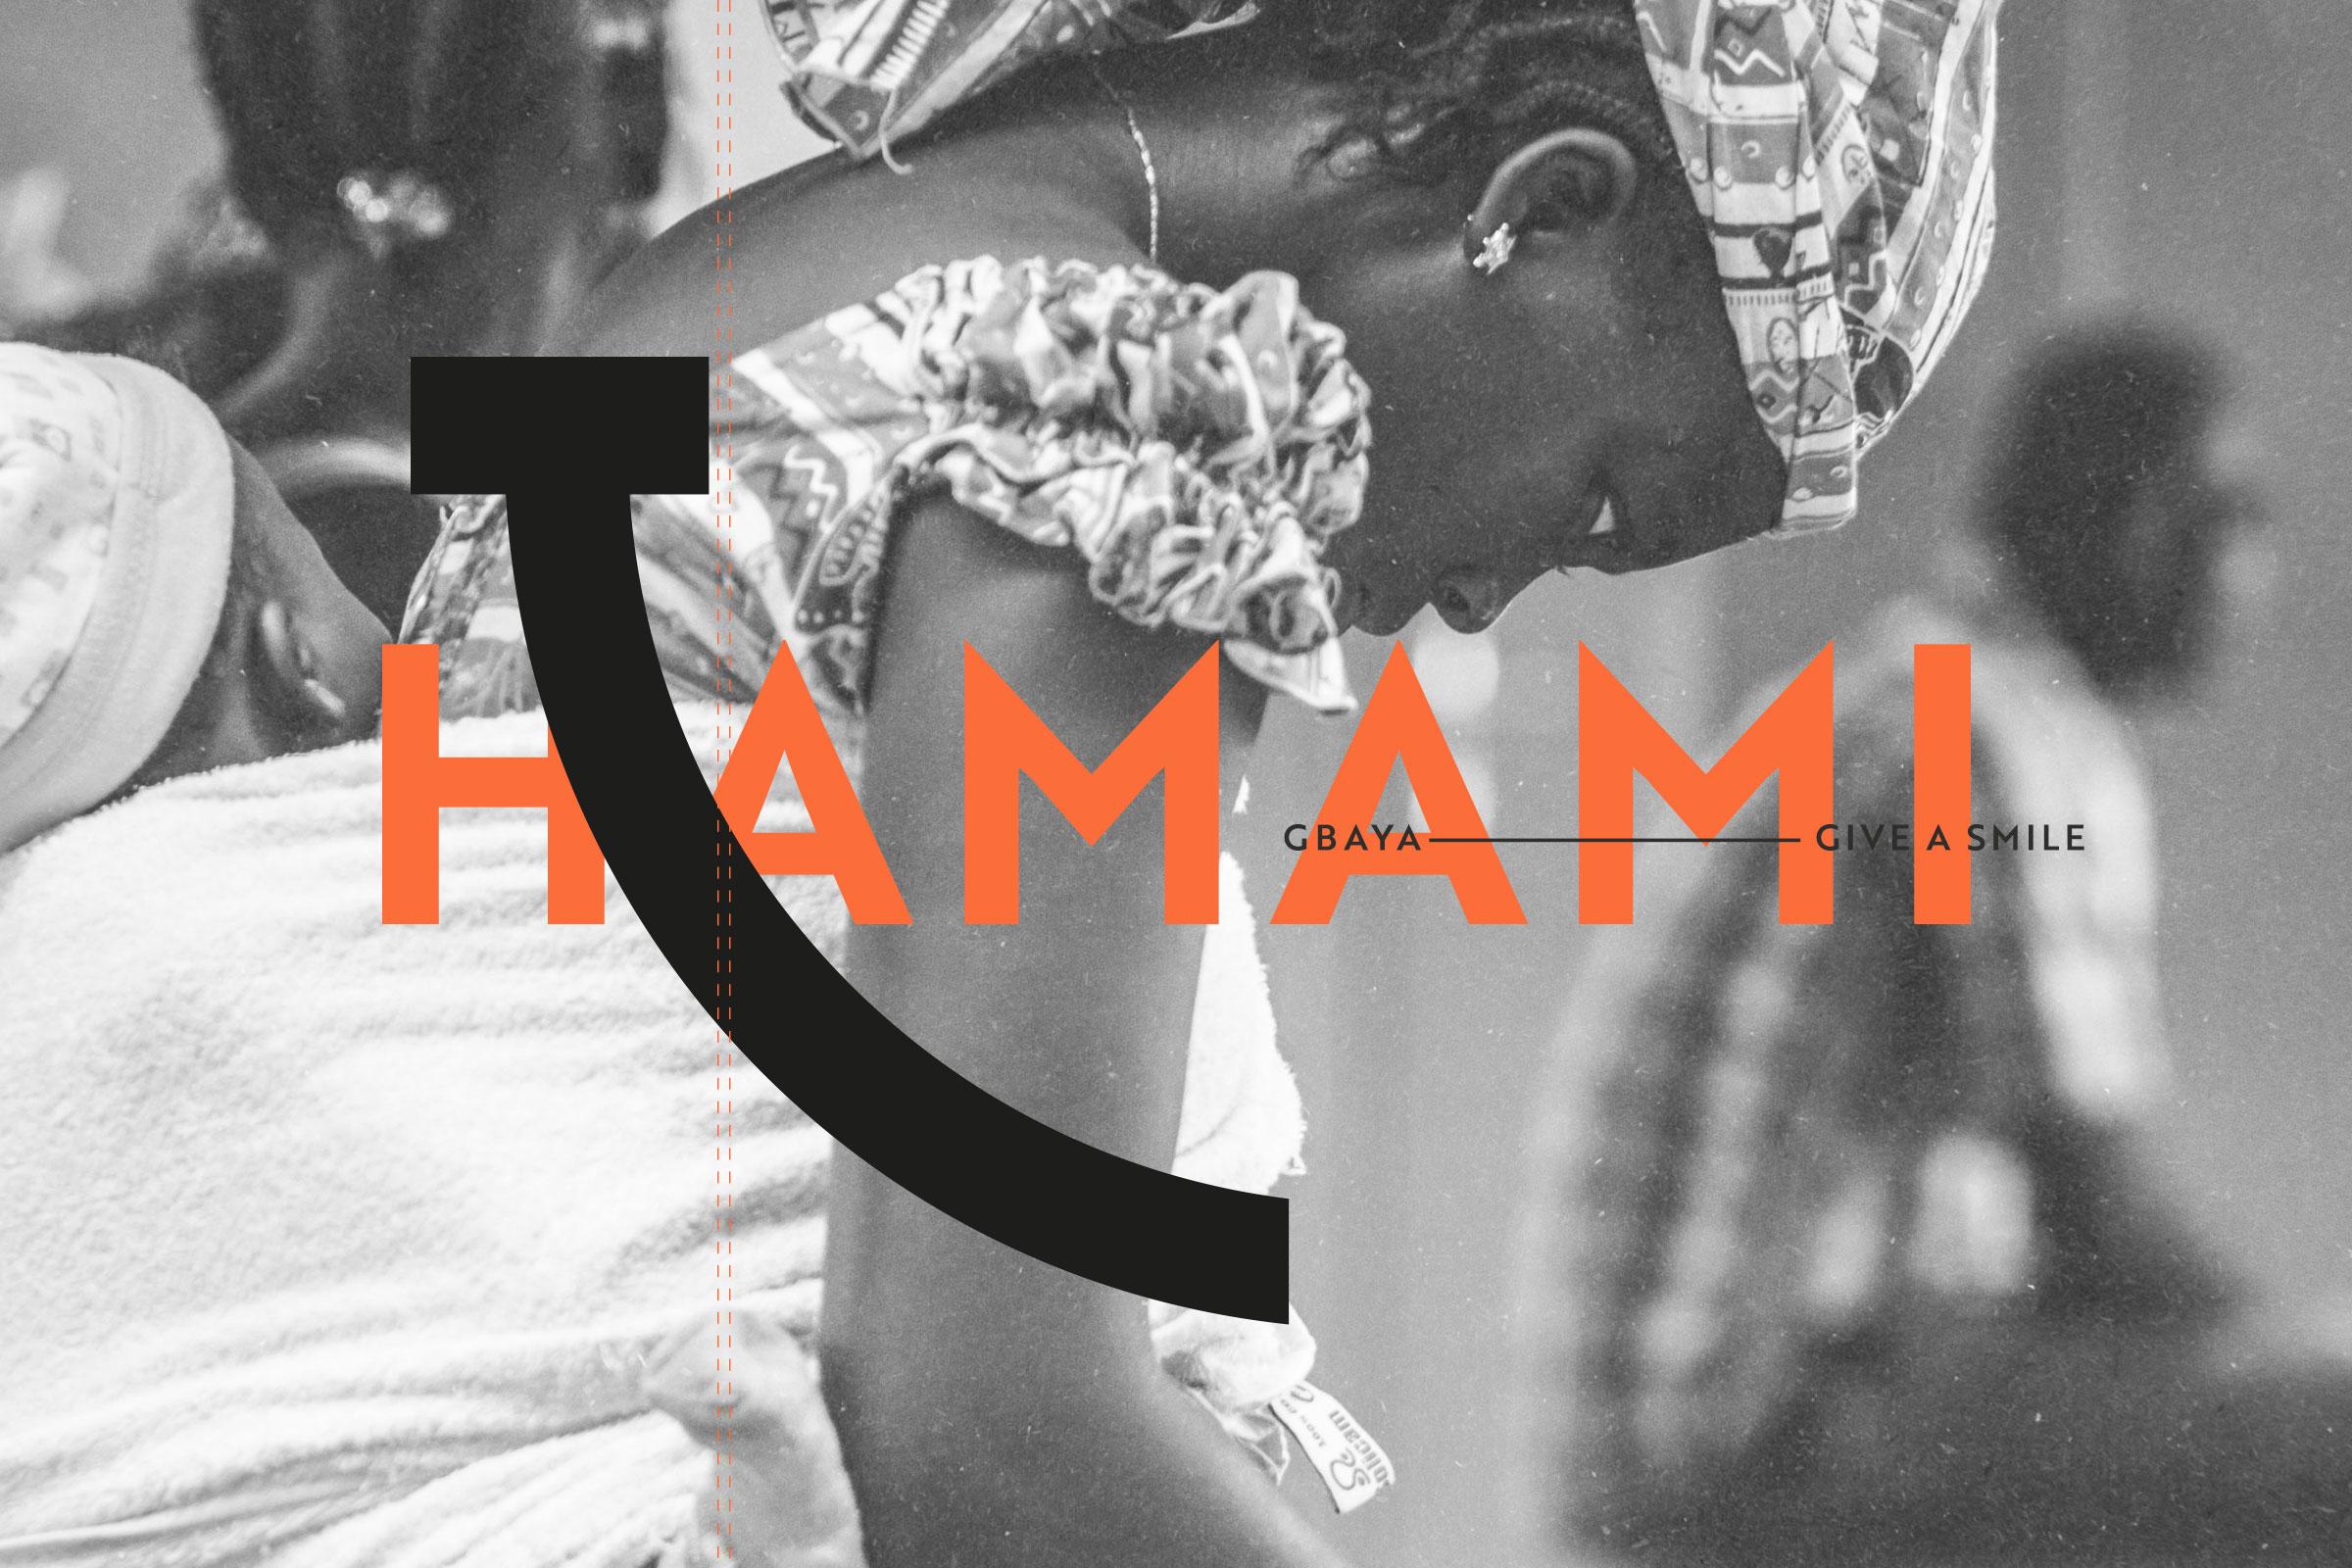 Hamami – Schenk ein Lächeln